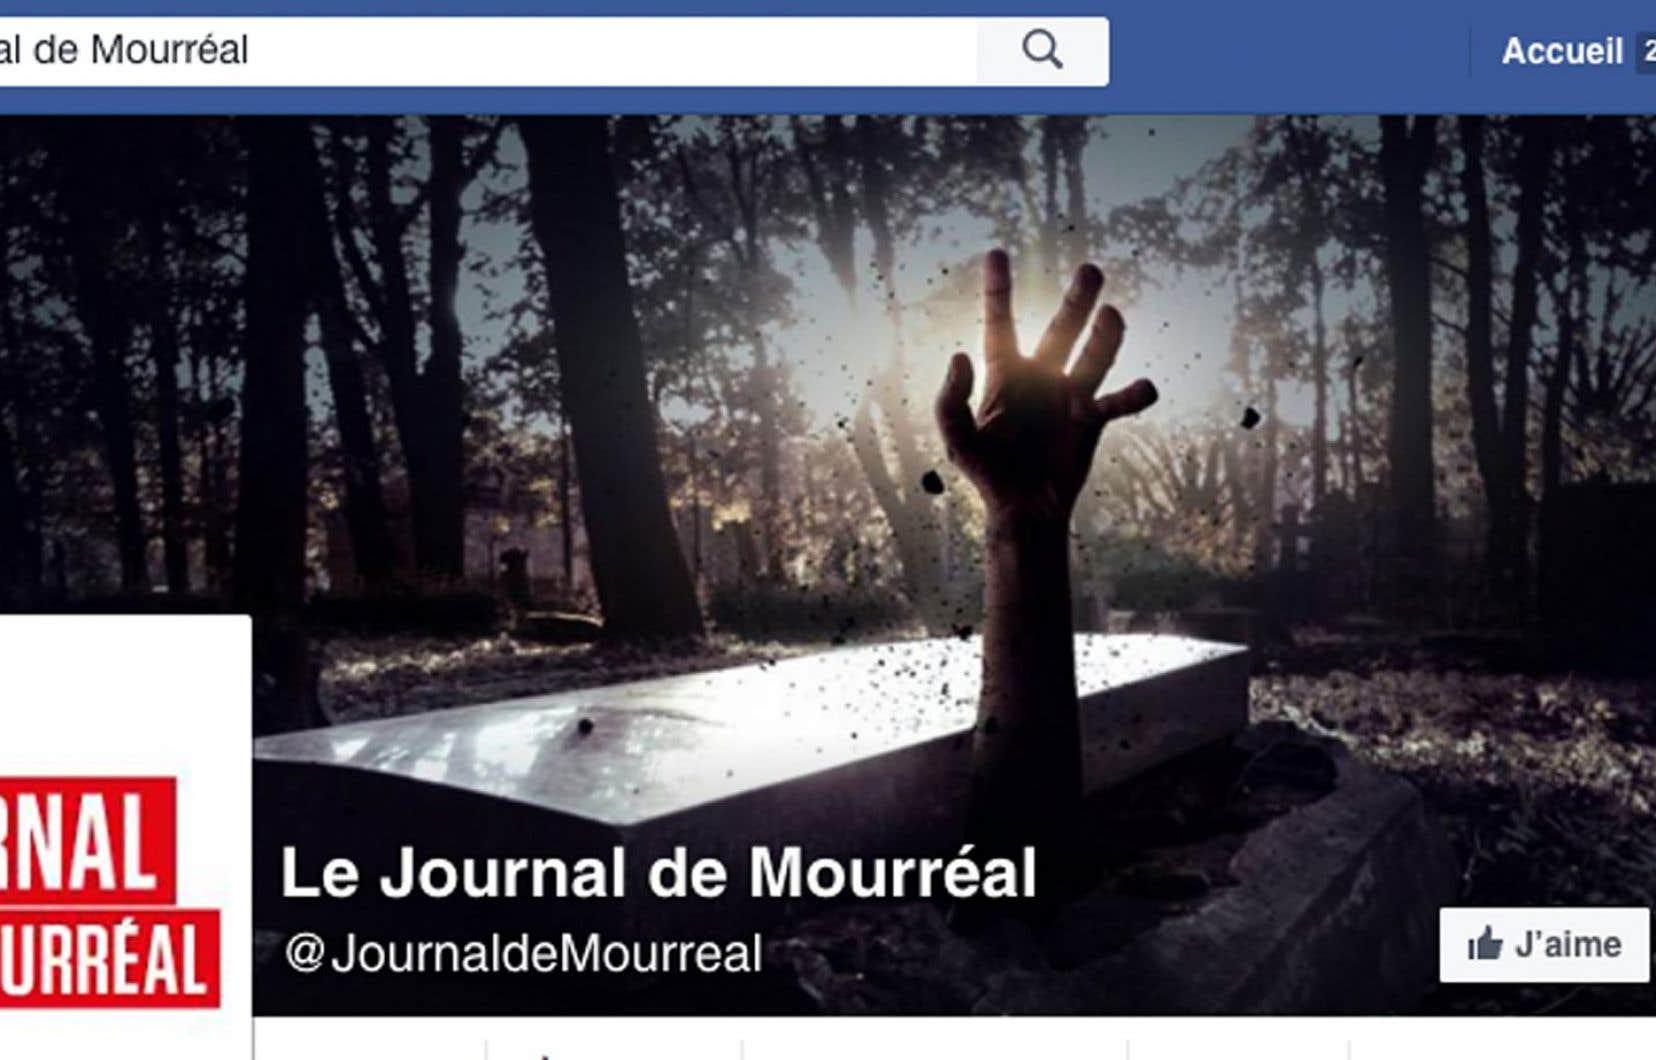 Fort du soutien financier offert par l'humoriste Mike Ward, qui compte lui offrir les recettes d'un spectacle qu'il tiendra en octobre pour la liberté d'expression, Le Journal de Mourréal continue donc de publier.